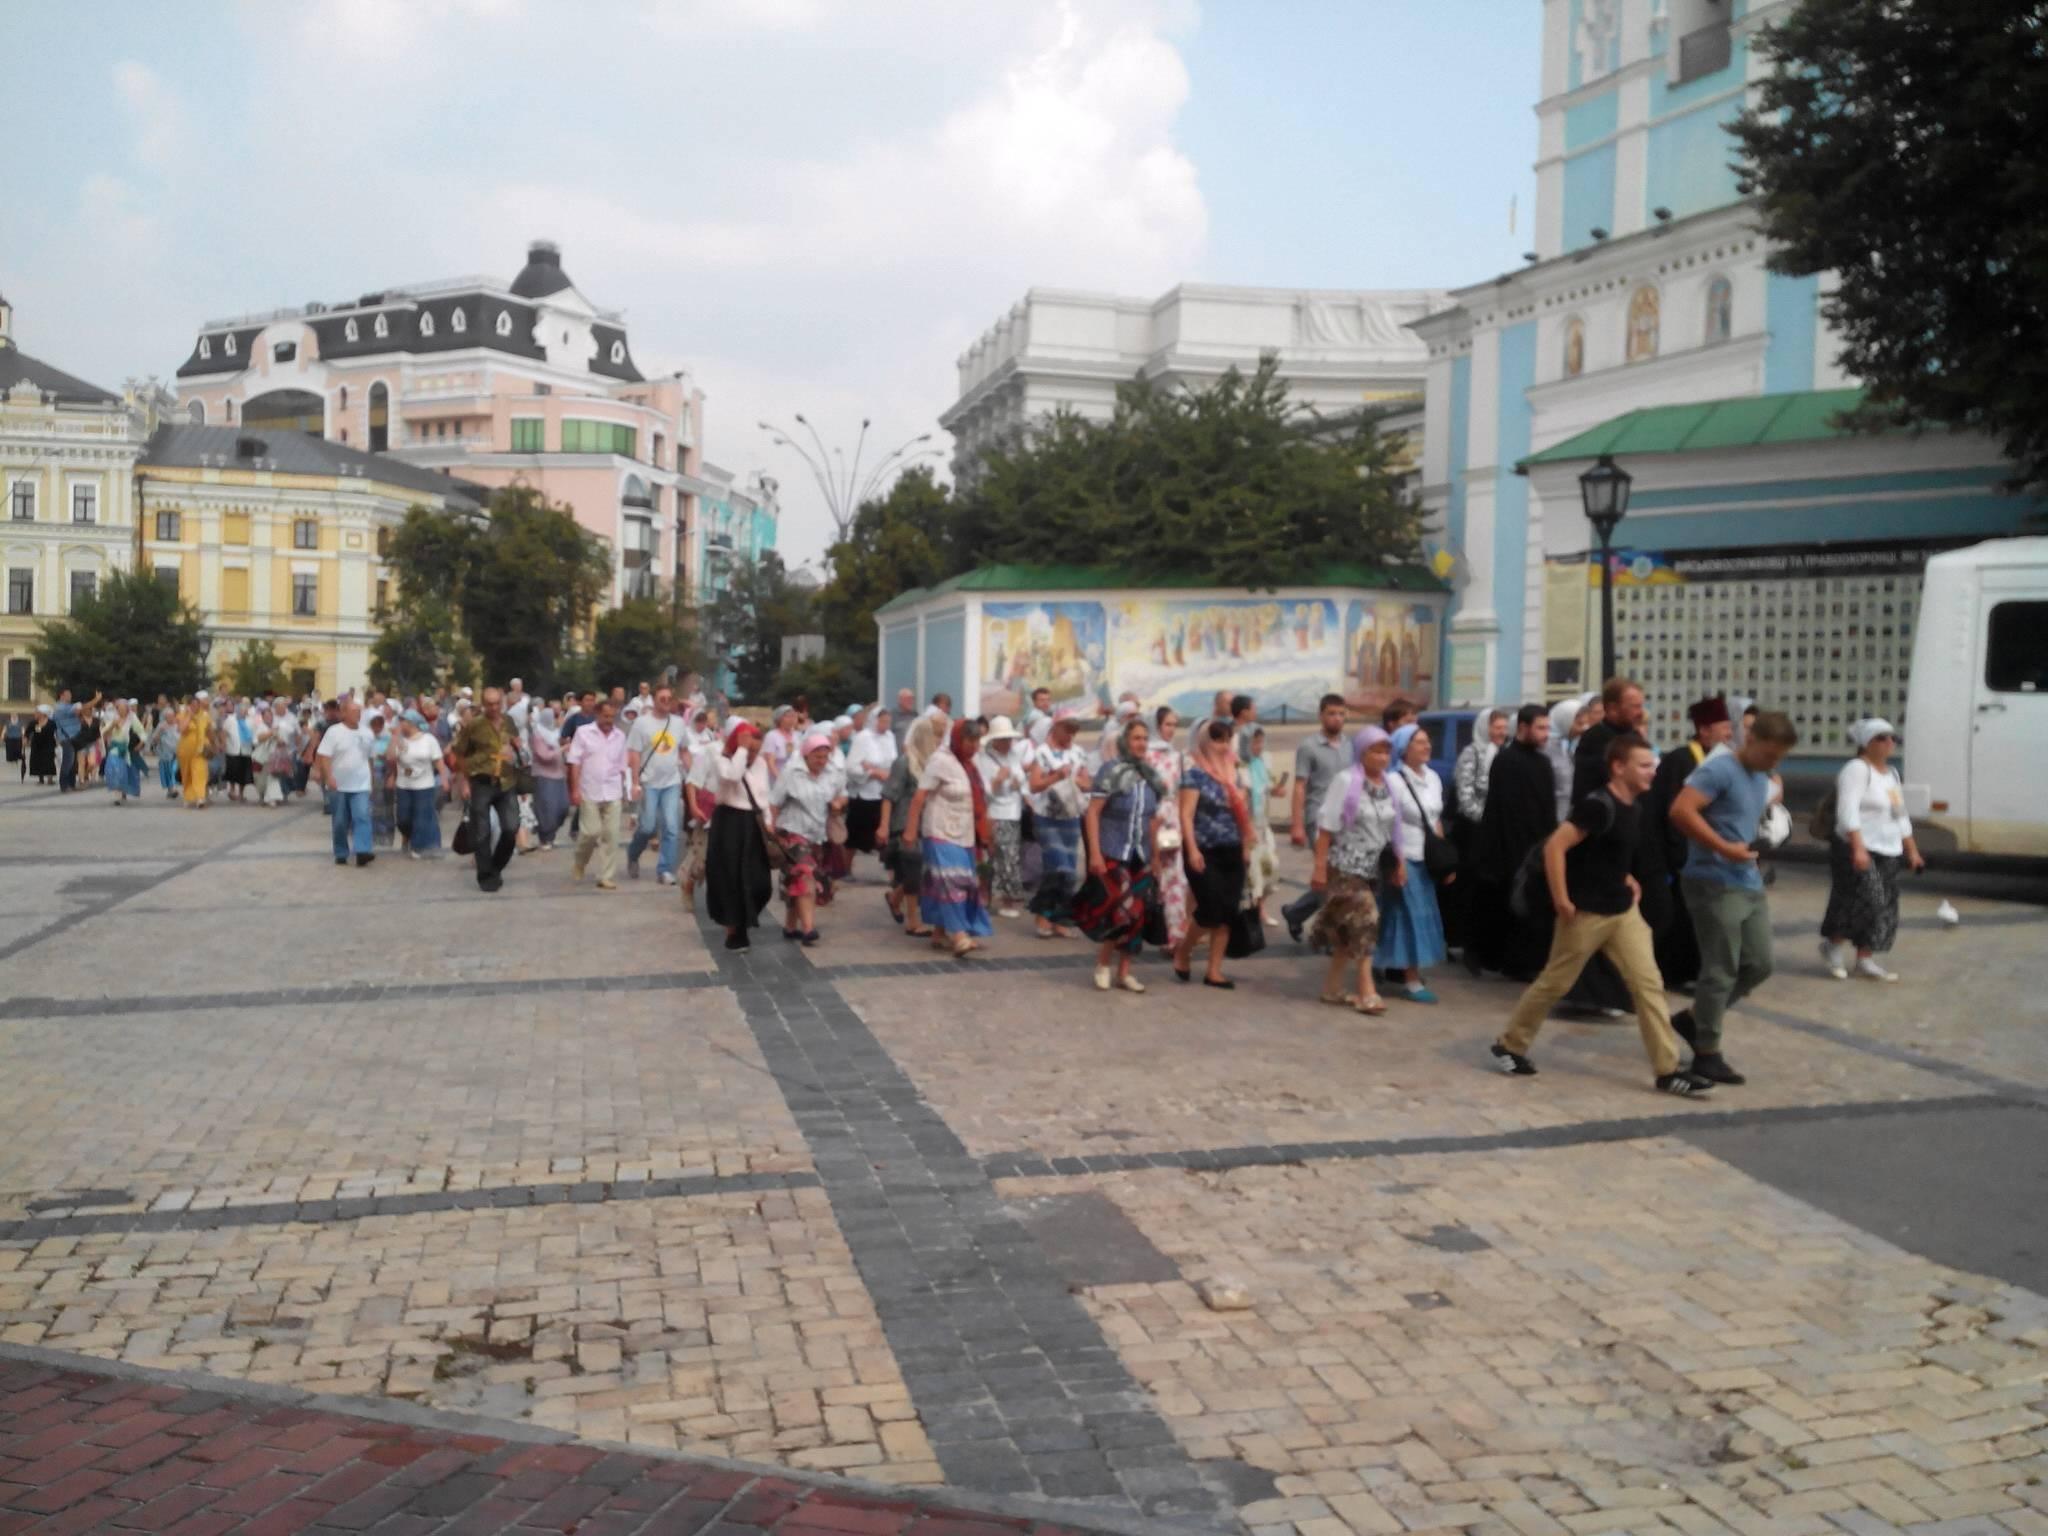 Спостерігачі повідомляють про двох затриманих учасників Хресної ходи біля металодетекторів поблизу Михайлівського собору